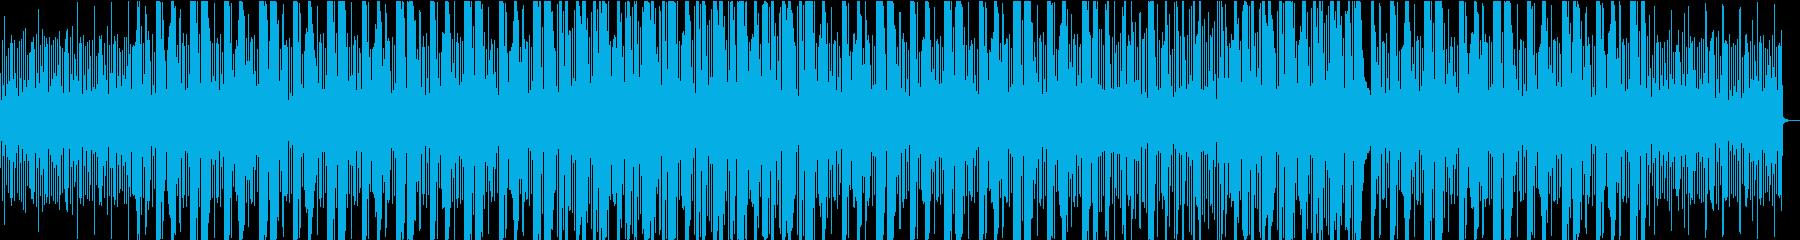 USのヒップホップをイメージしたビートの再生済みの波形